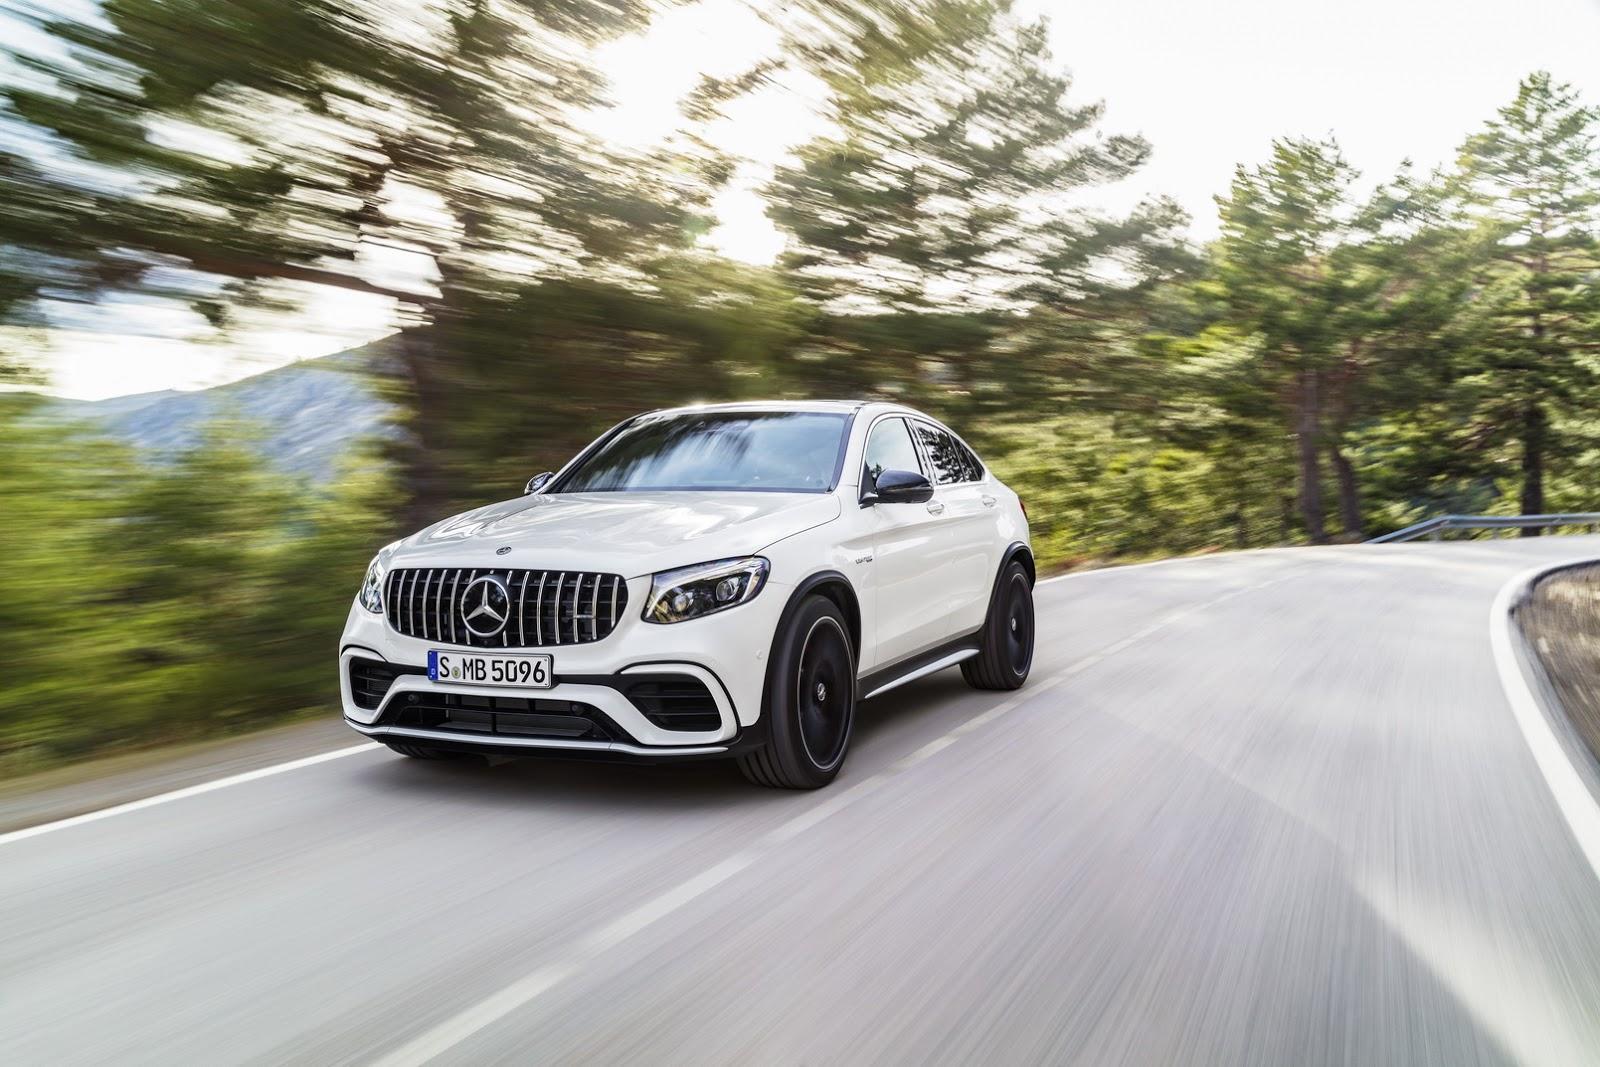 Mercedes-AMG GLC 63 2018 (4)